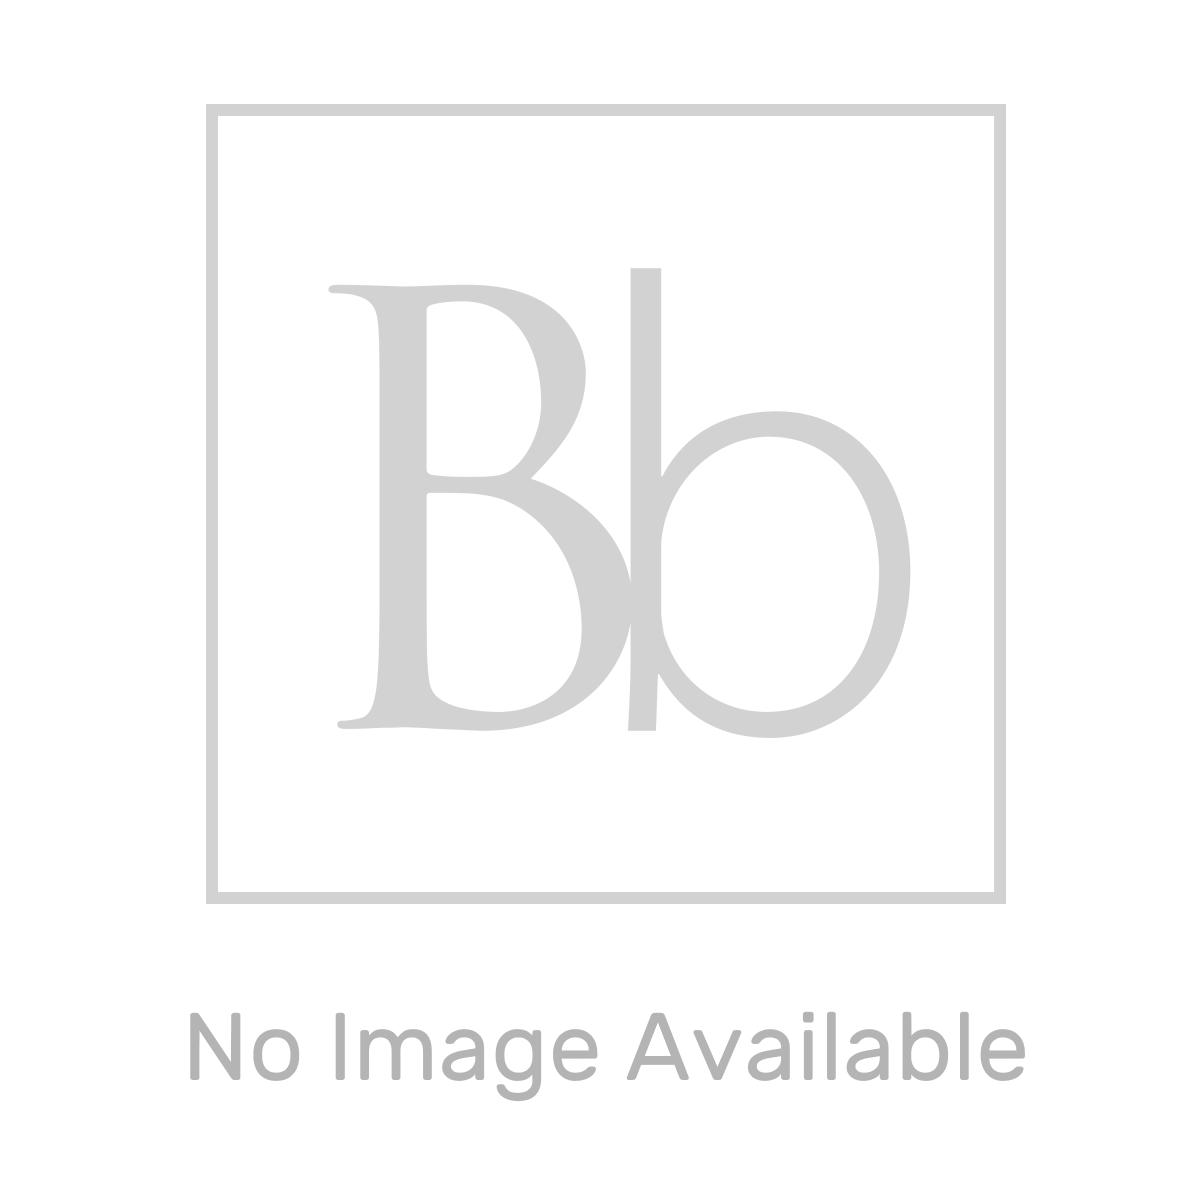 Salamander Home Boost Pump 1.6 Bar Front